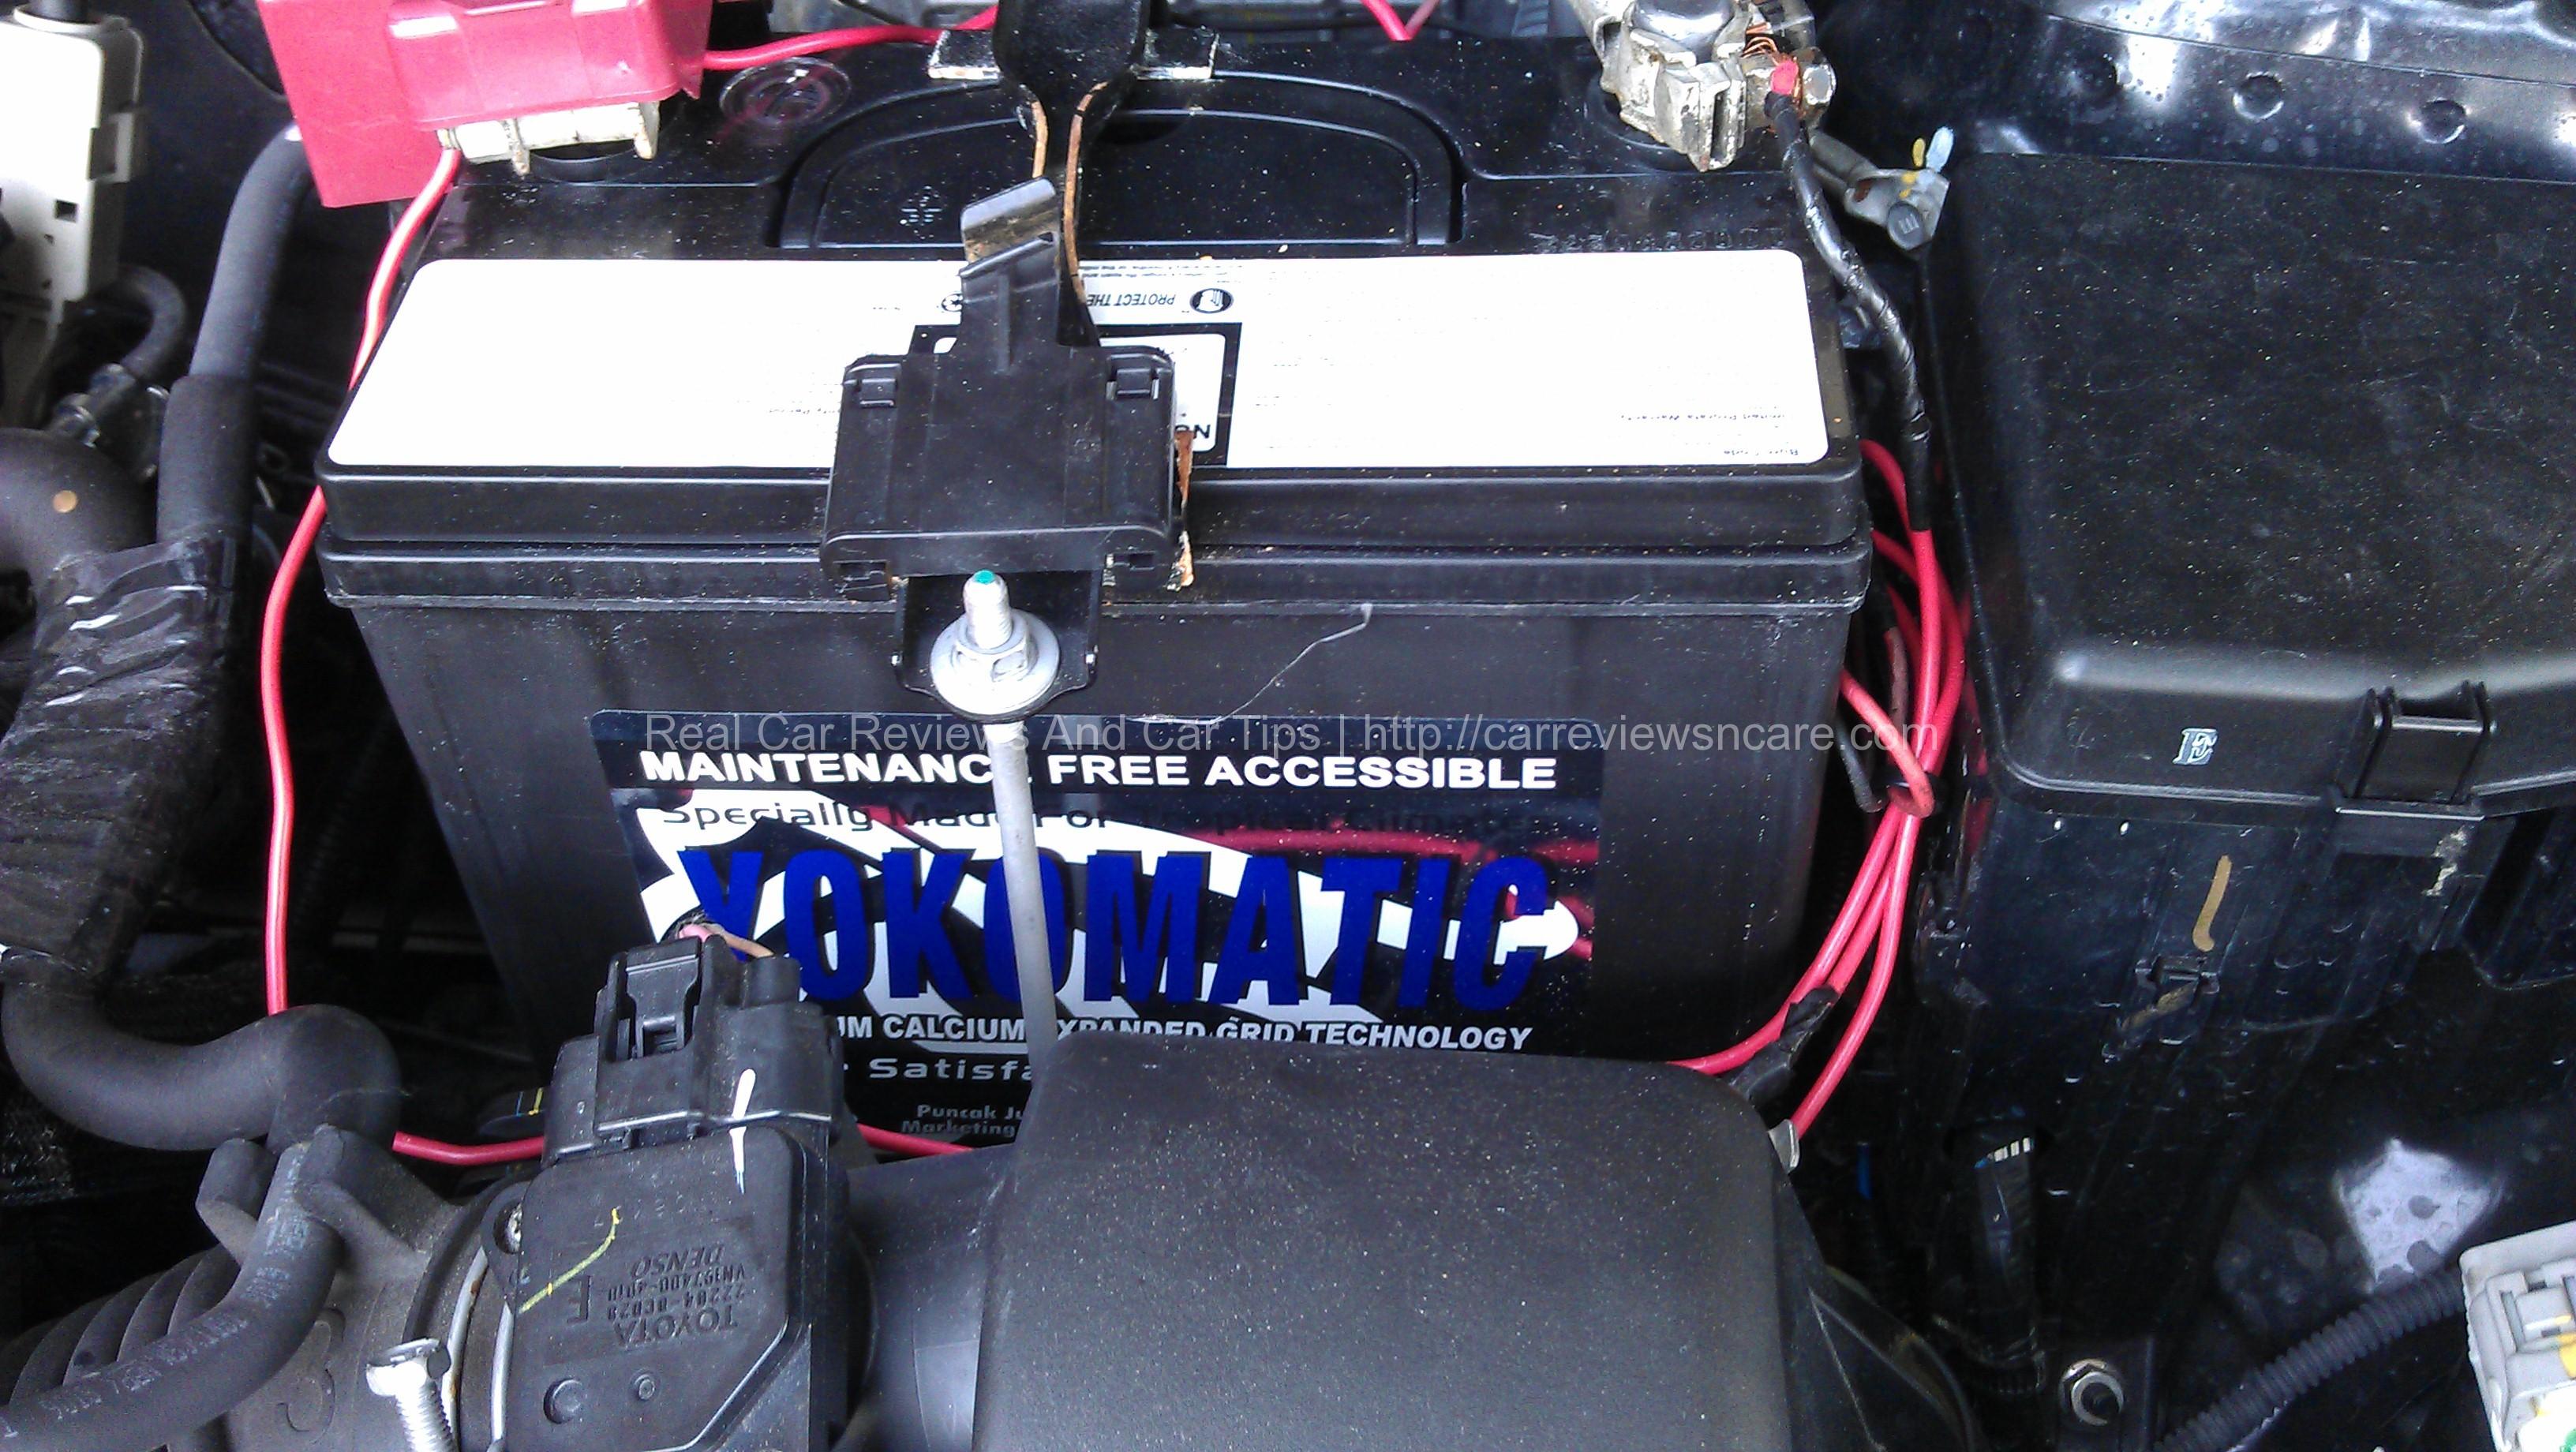 Fact About Maintenance Free (MF) Battery